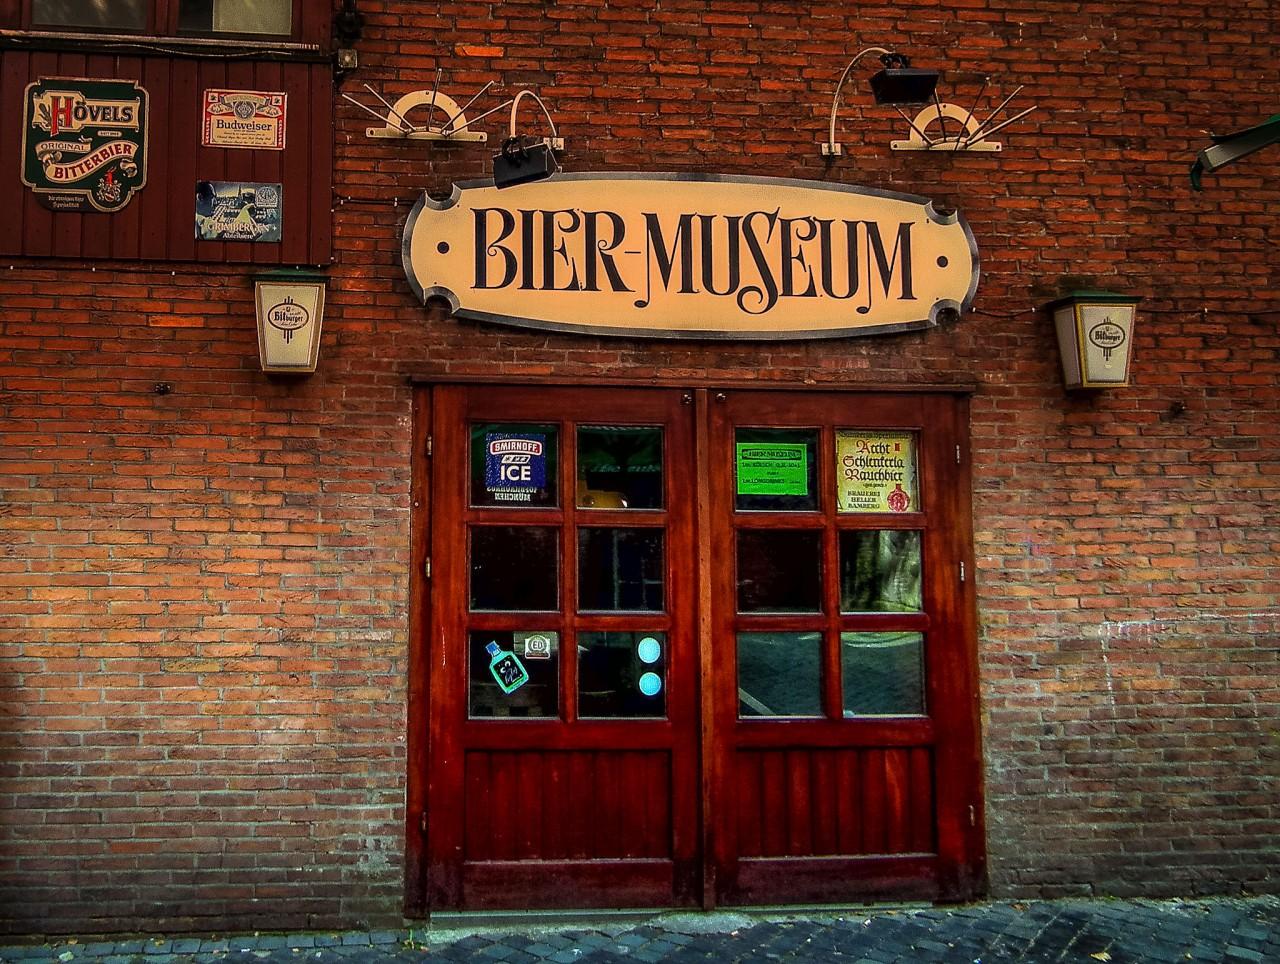 Biermuseum